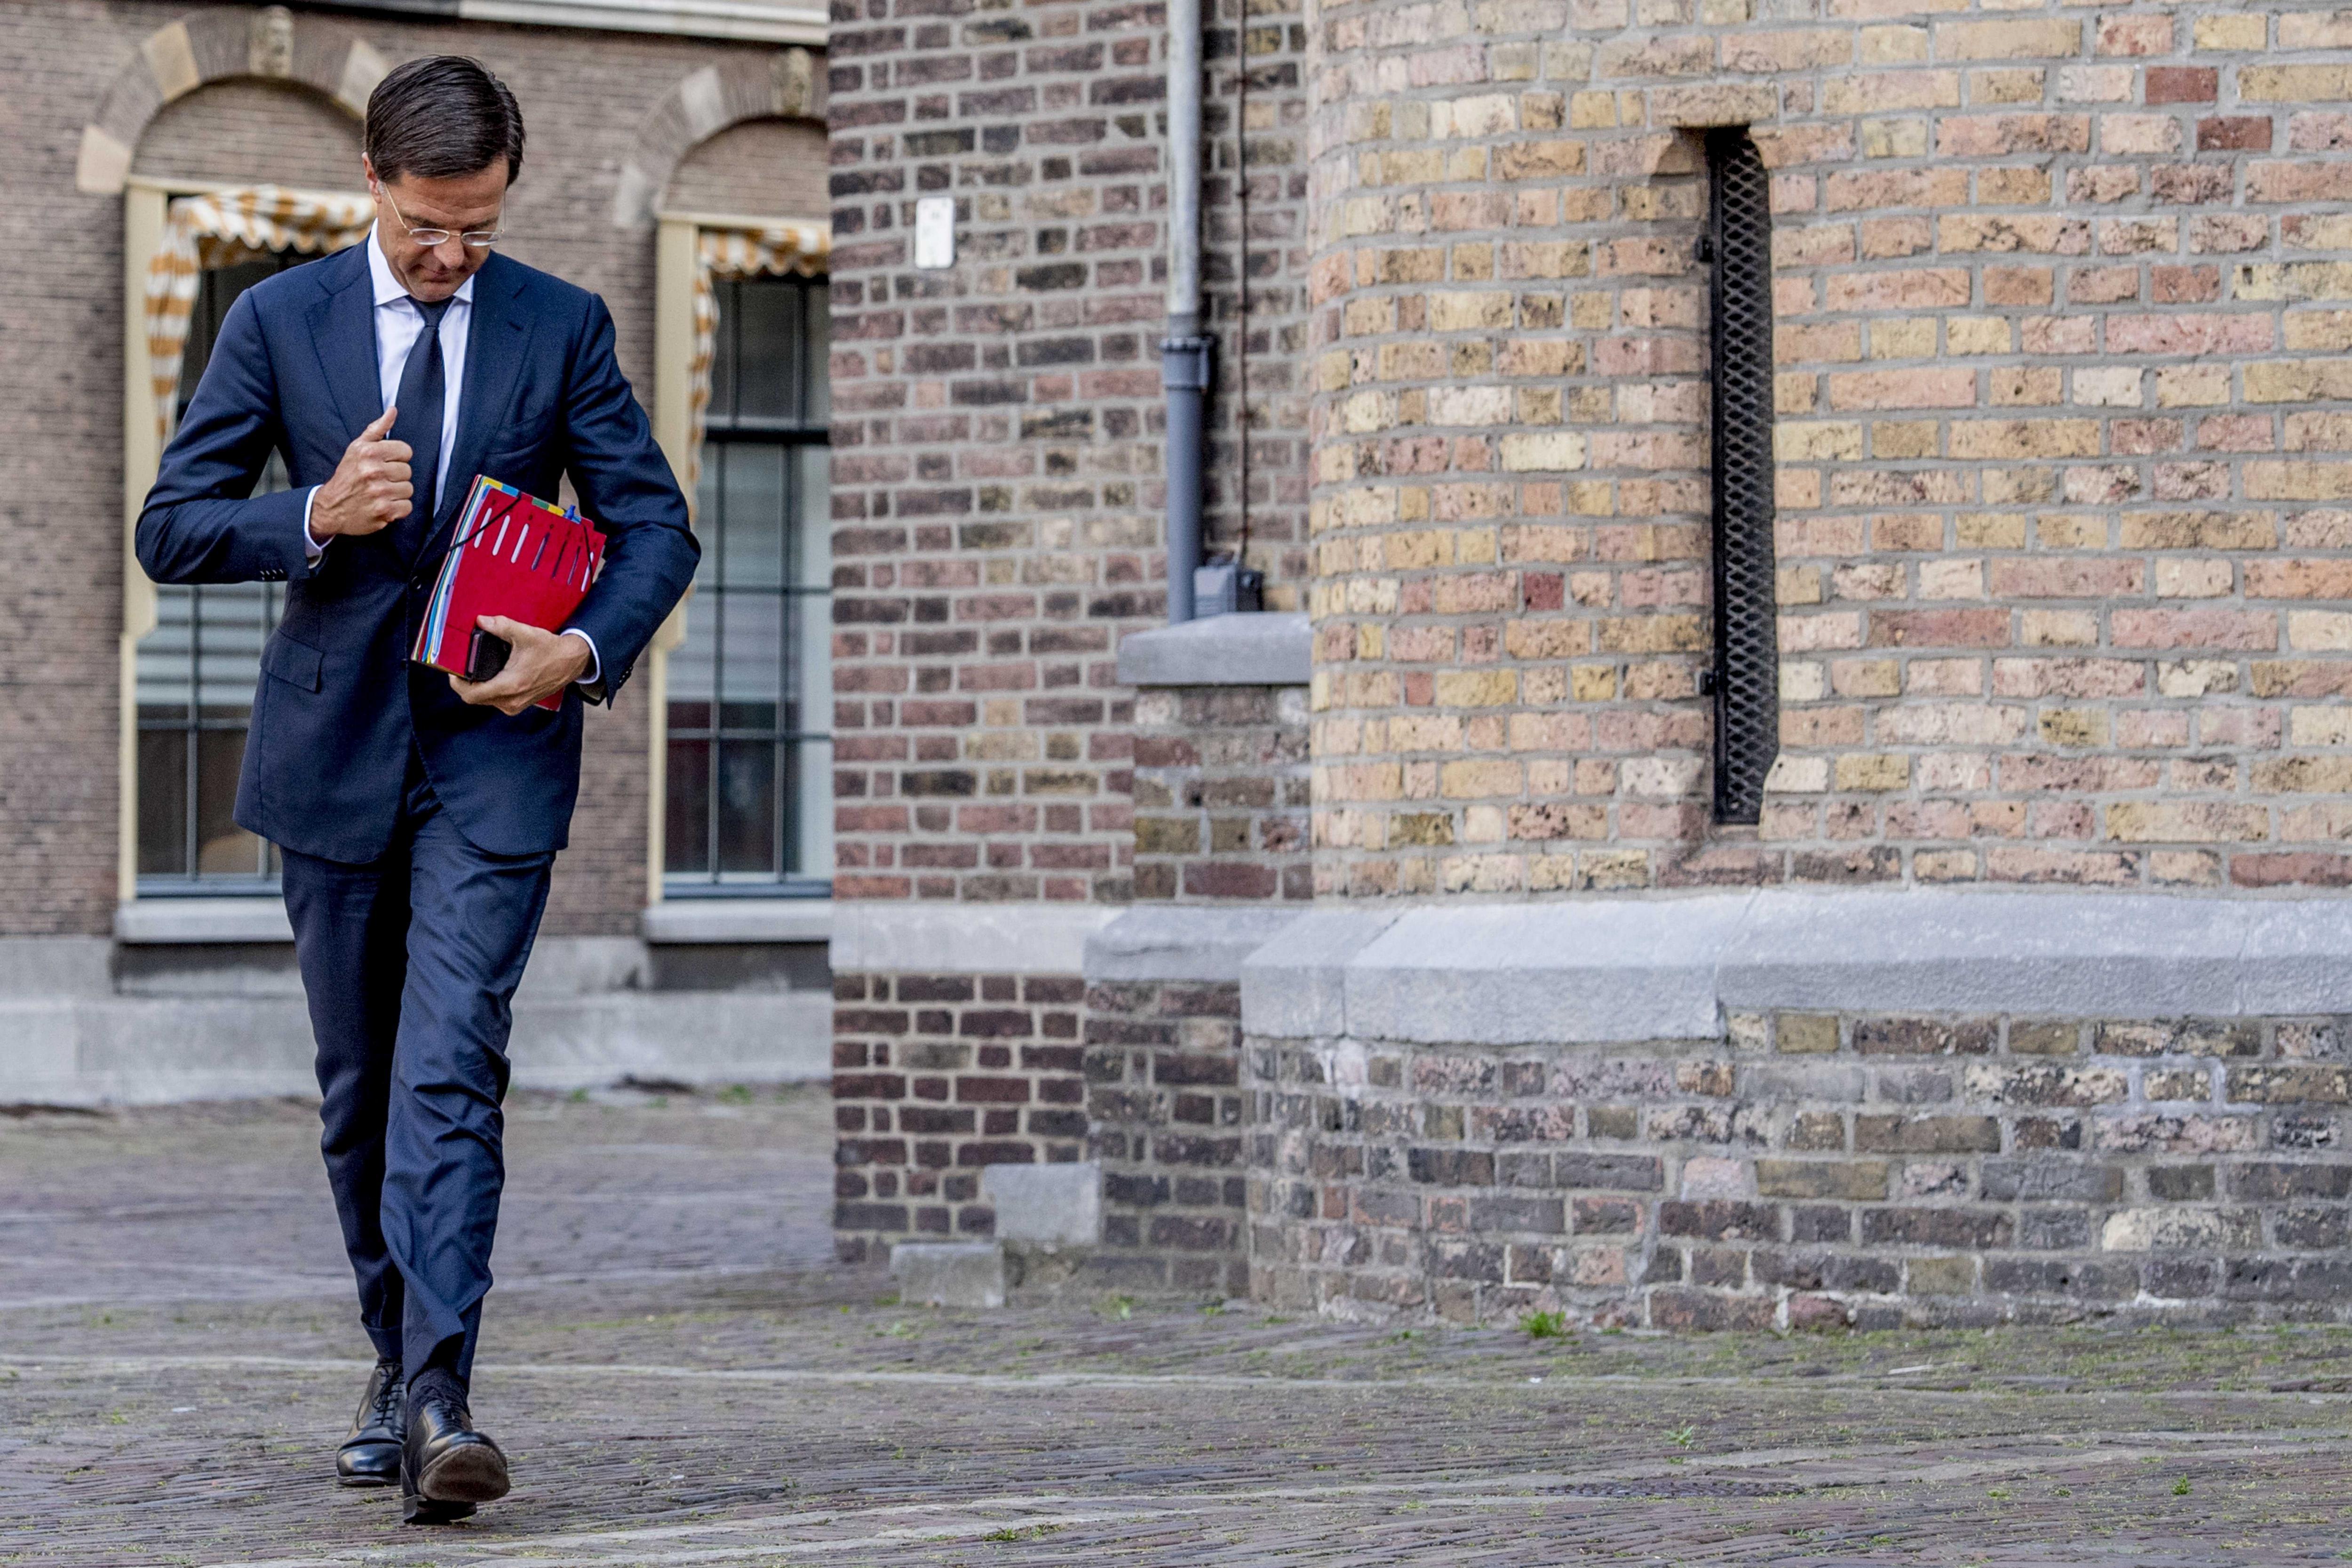 El primer ministre holandès, Mark Rutte, a la seva arribada al Parlament per reunir-se amb els líders dels partits CDA, ChristenUnie i el D66 per formar coalició, a la Haia, Holanda. /ROBIN UTRECHT